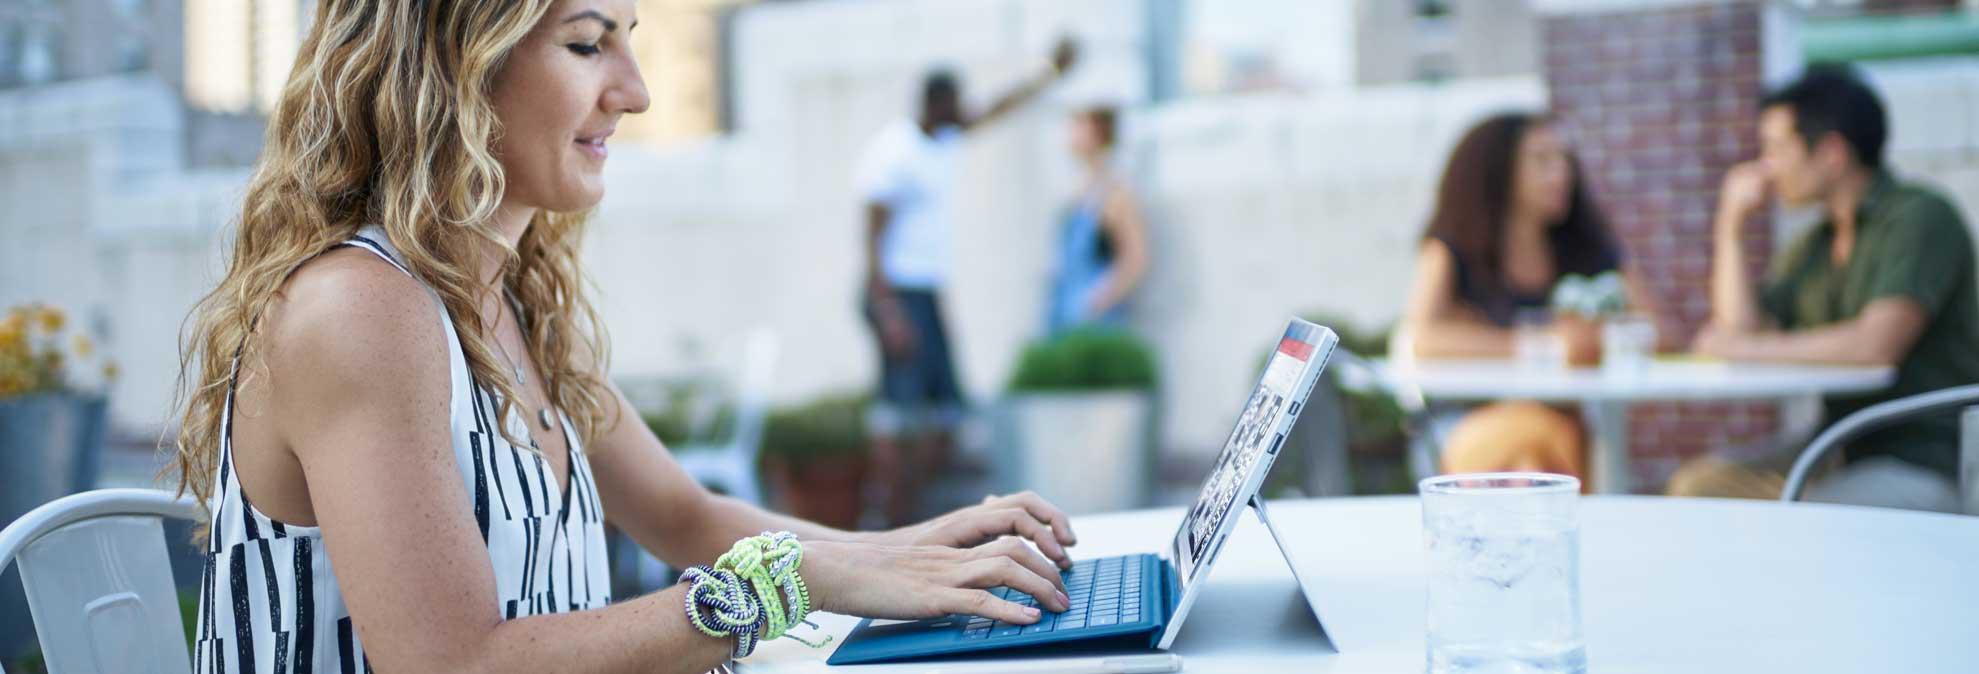 Best affordable laptop for a Nursing student?